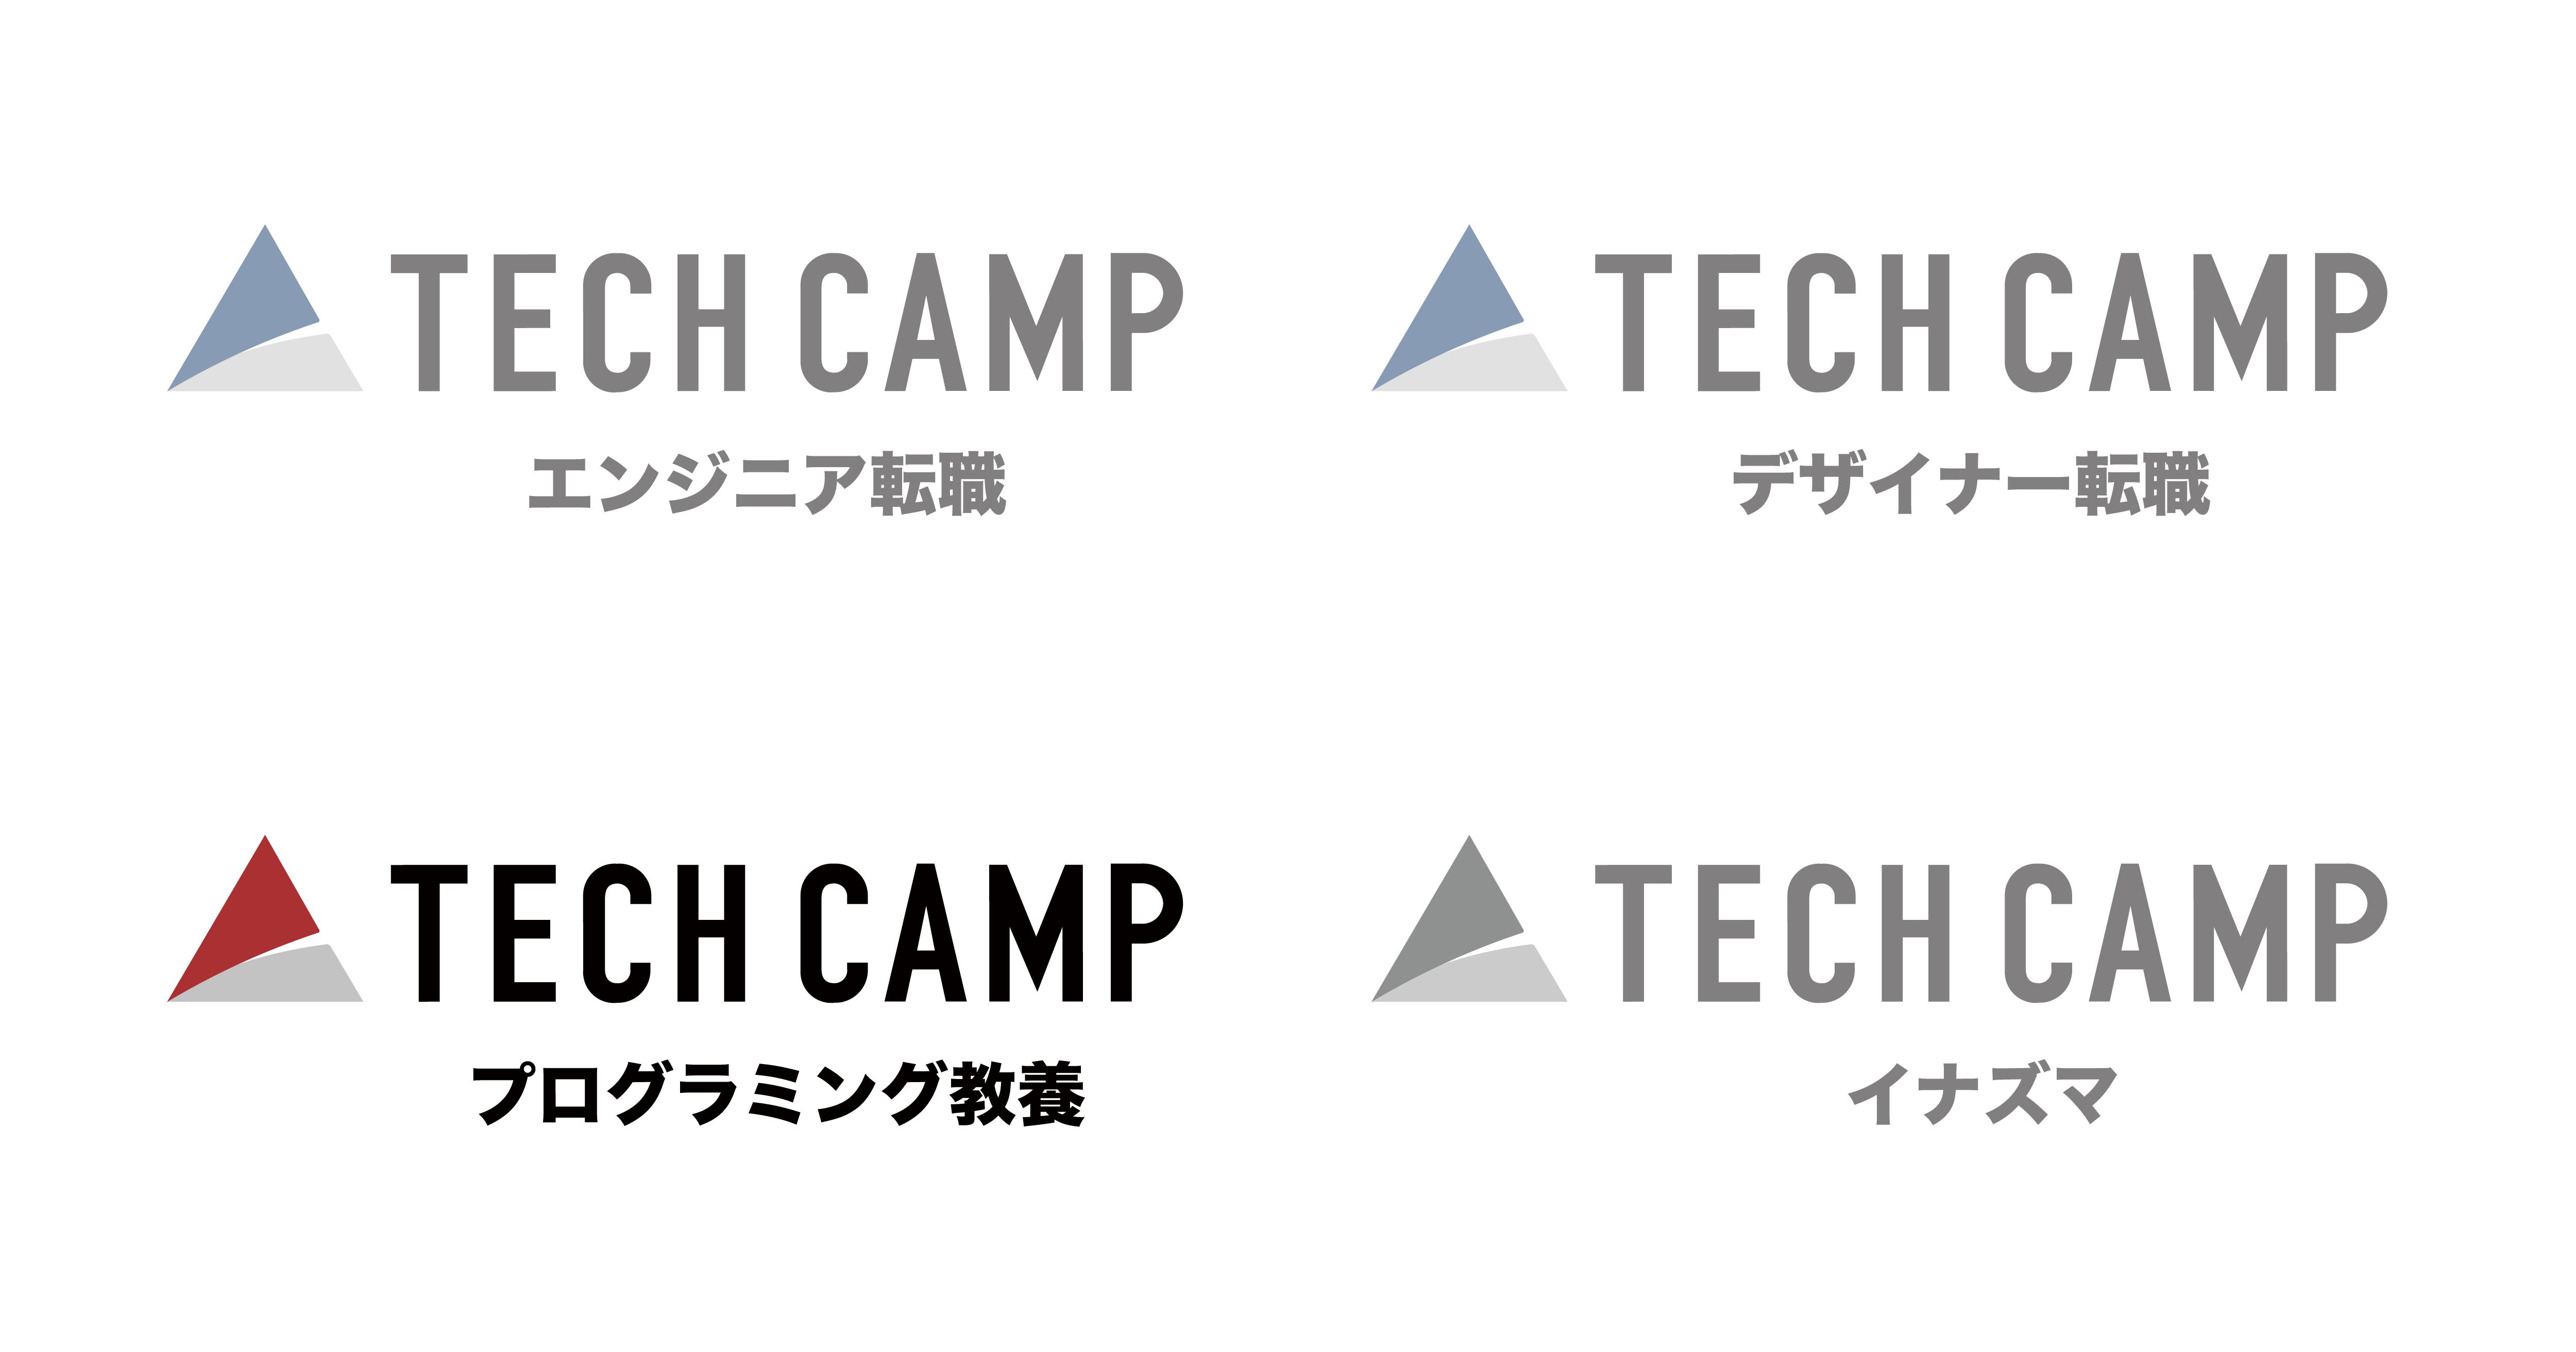 テックキャンププログラミング教養